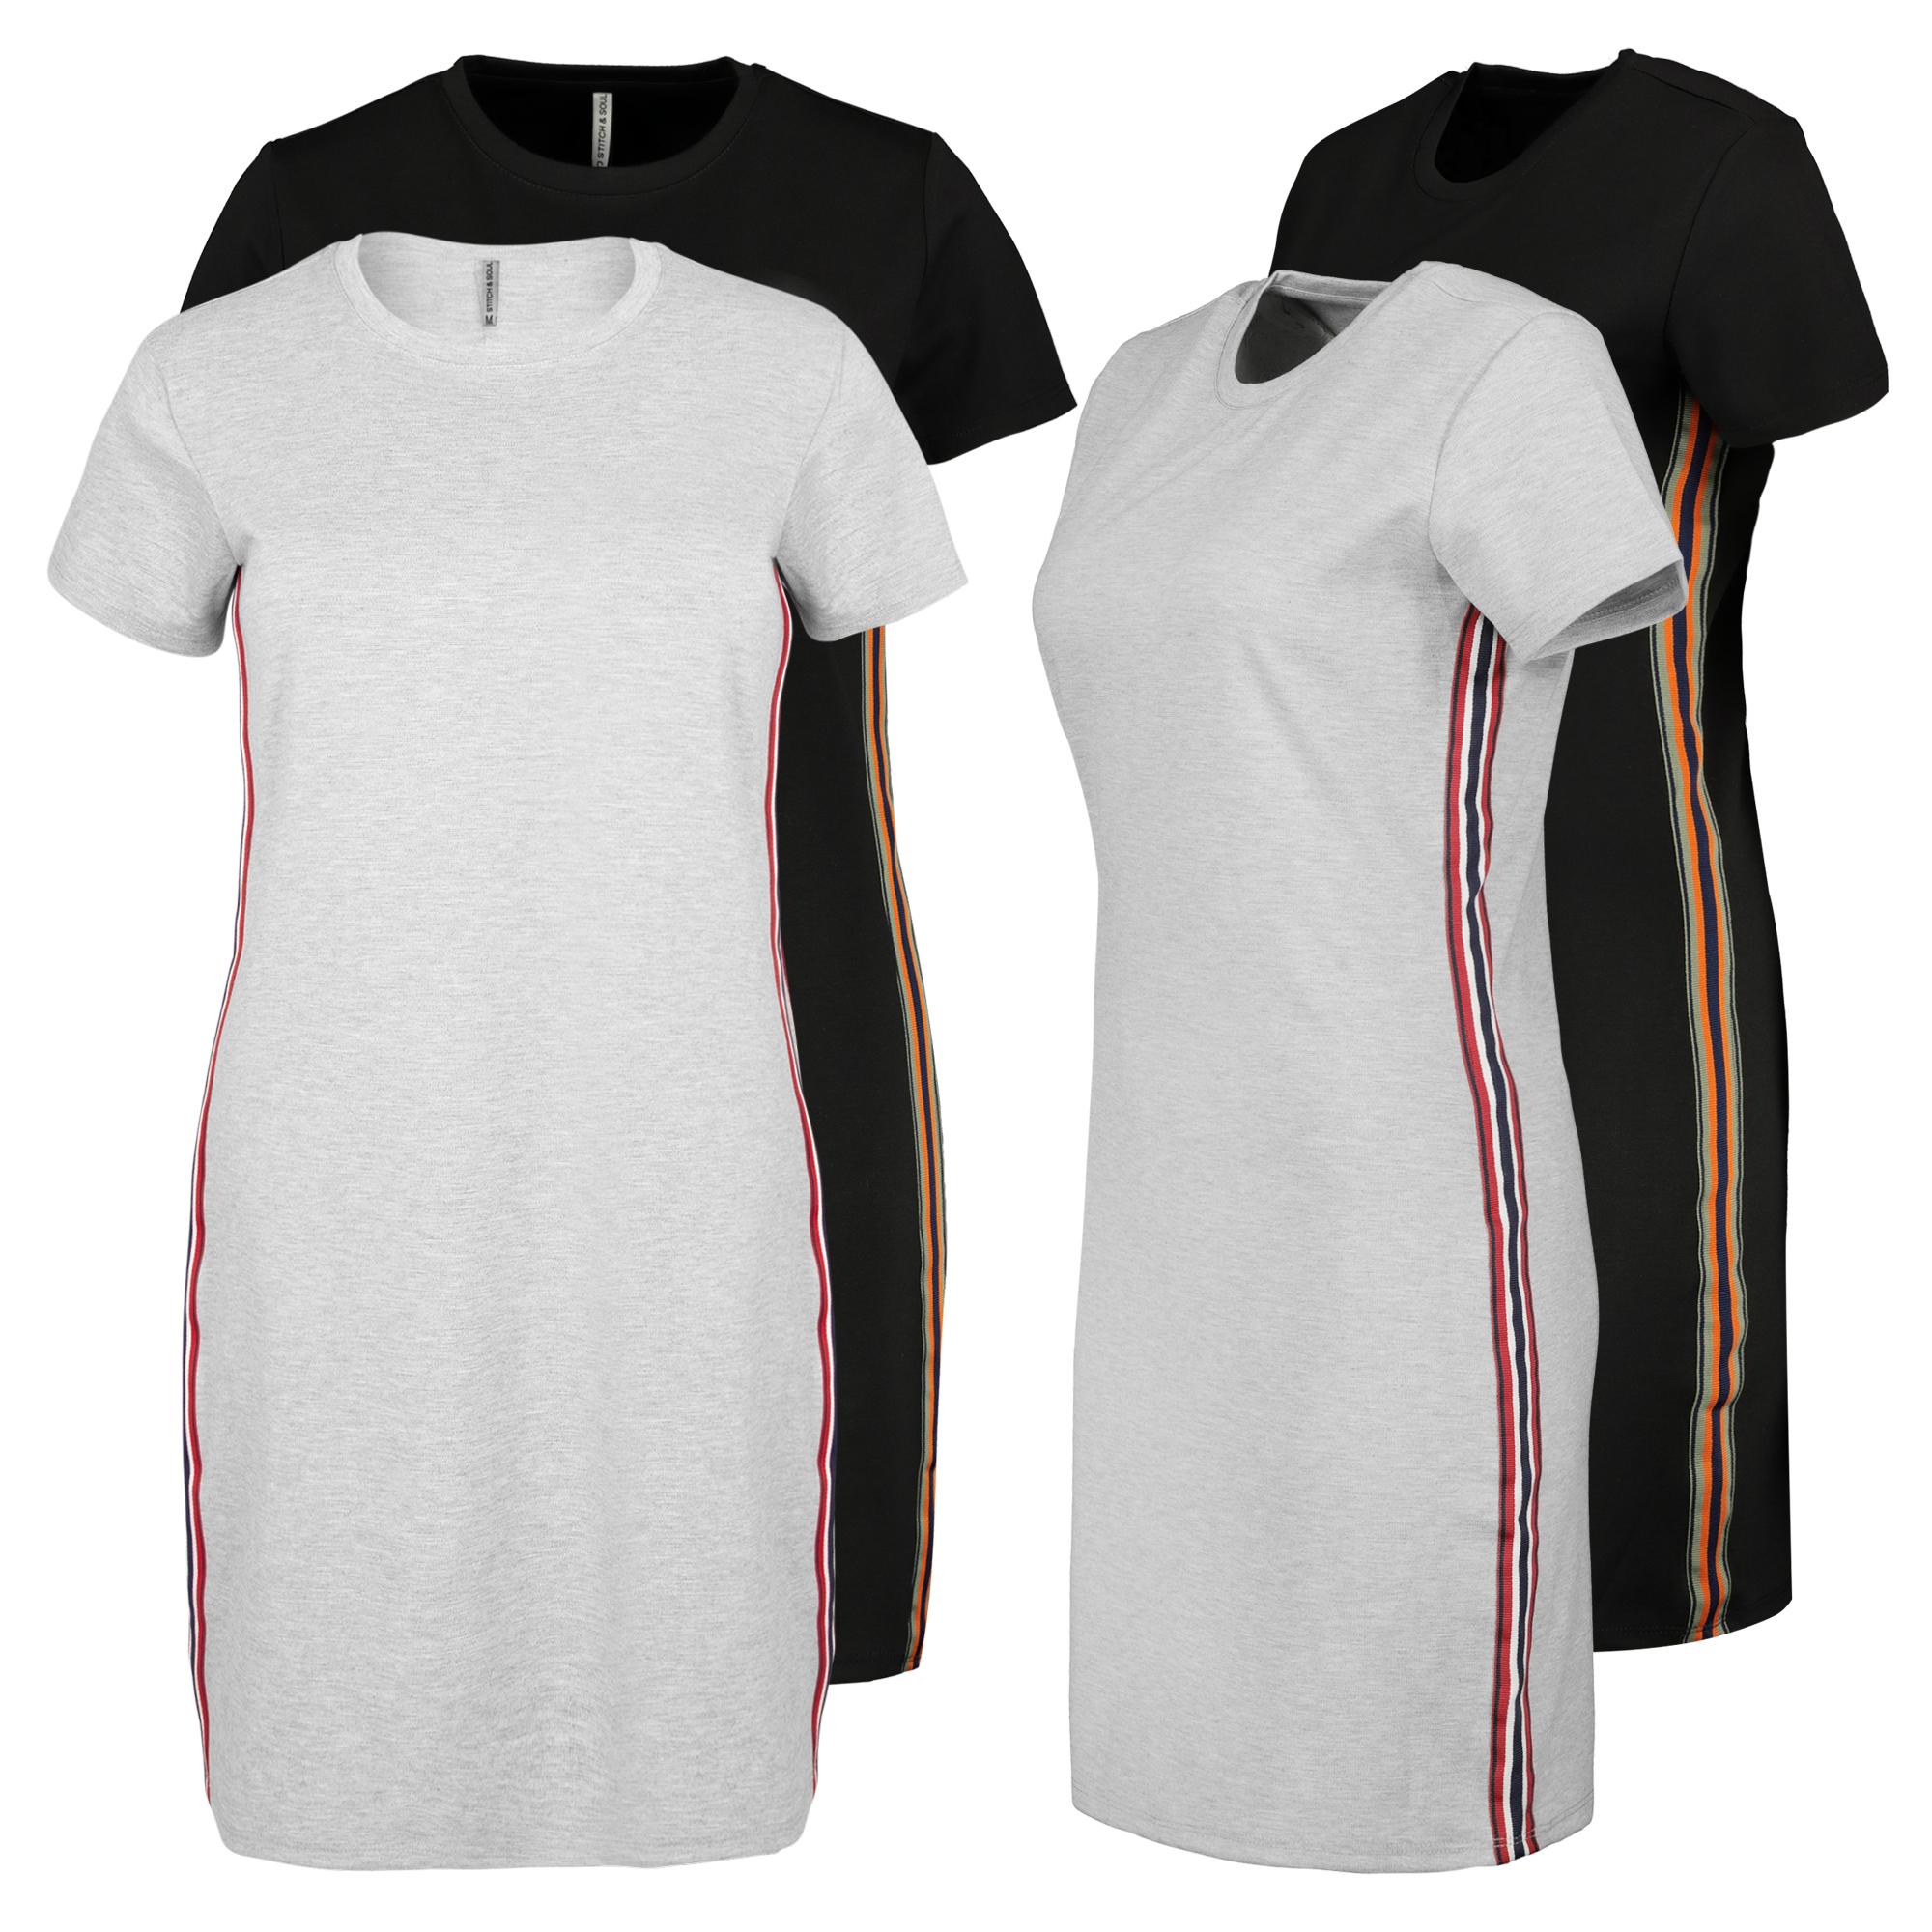 Details zu STITCH & SOUL Damen Jersey Kleid mit Seiten Streifen sportliches T Shirt Kleid